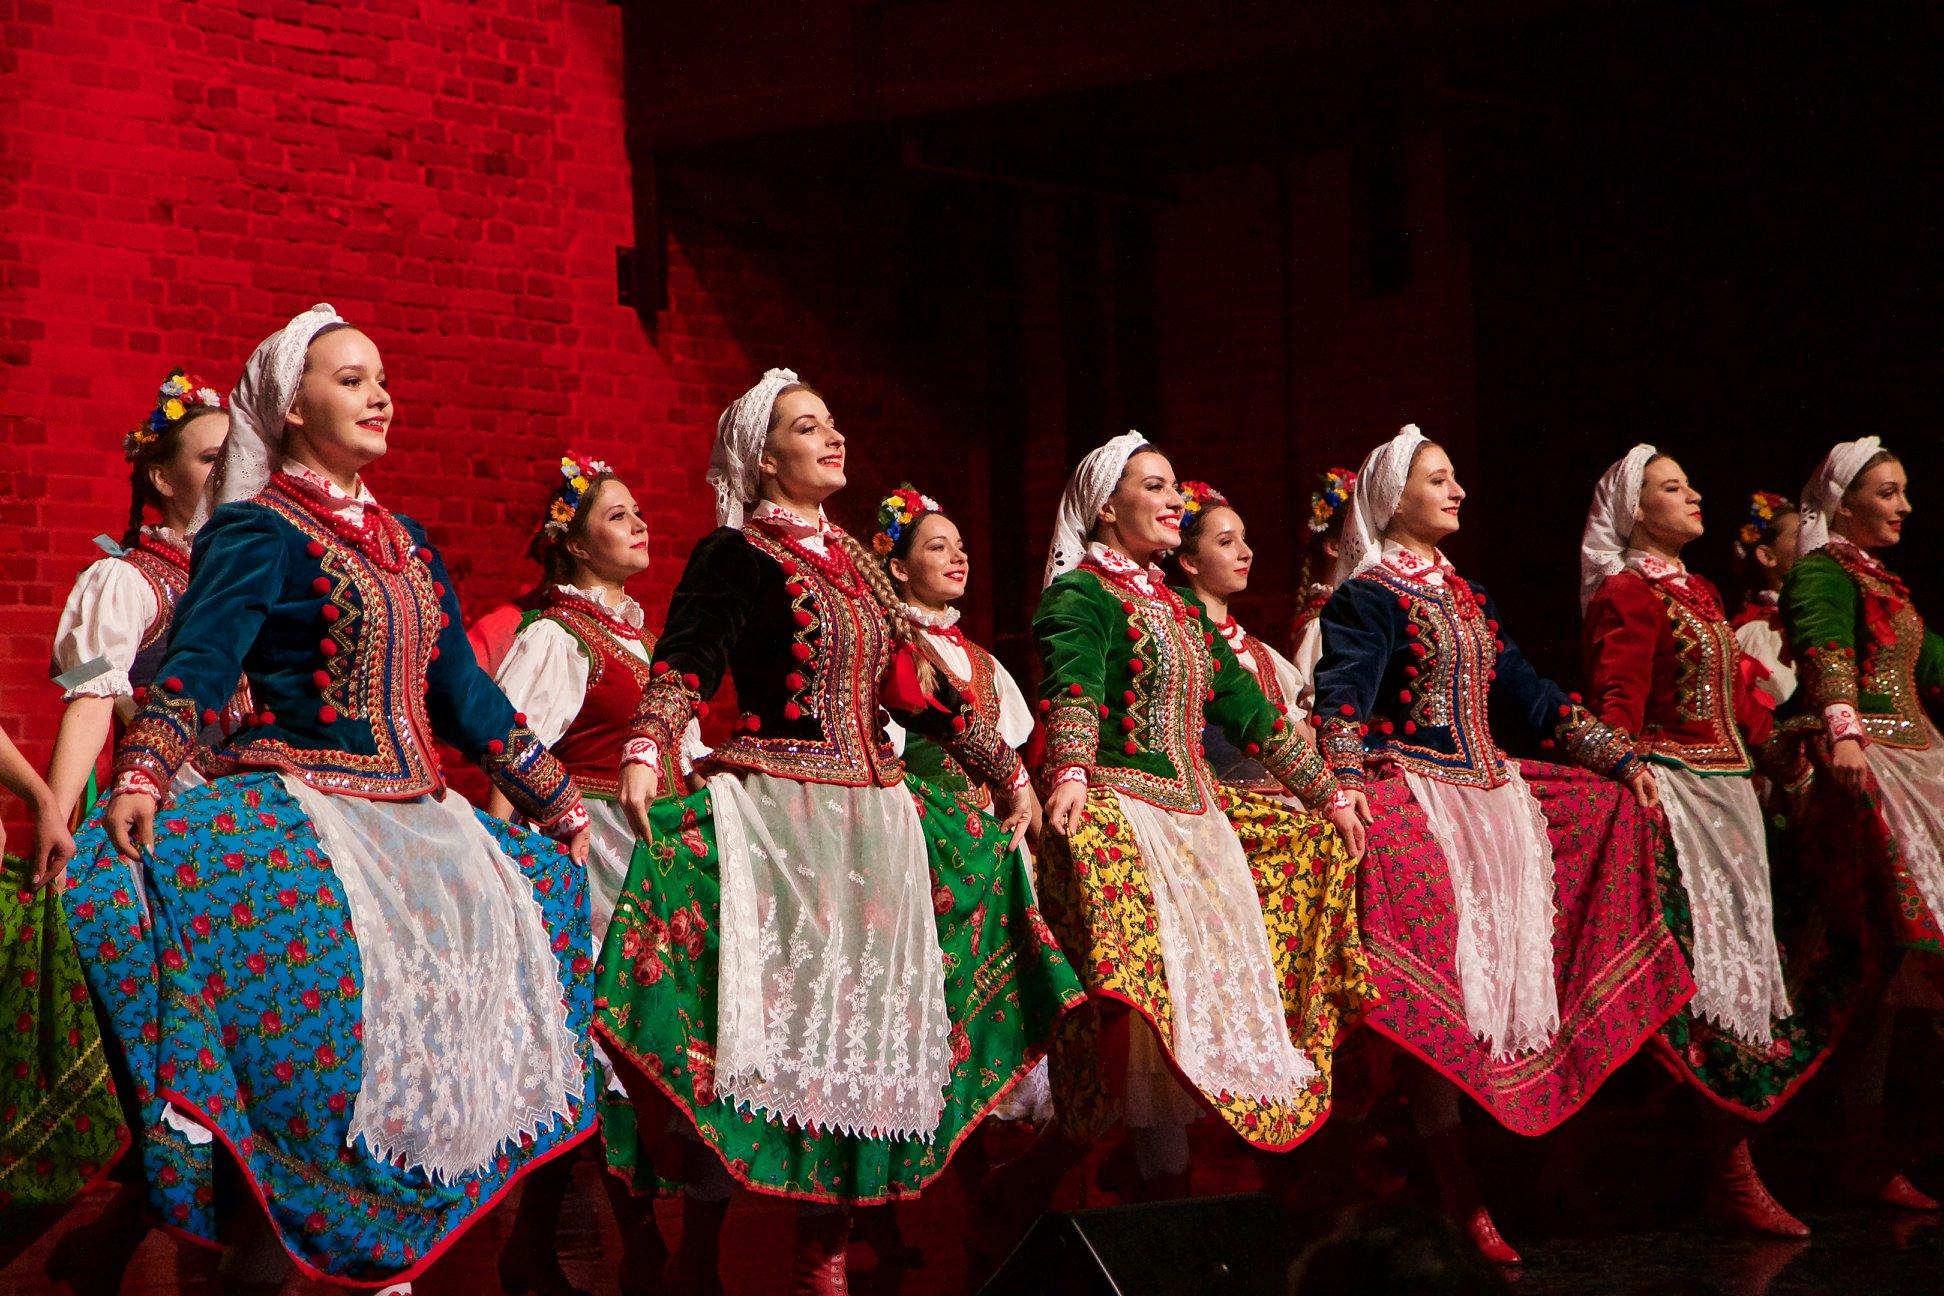 Grupa kobiet w wielokolorowych strojach ludowych. Trzymają rękami spódnice. Uśmiechają się.